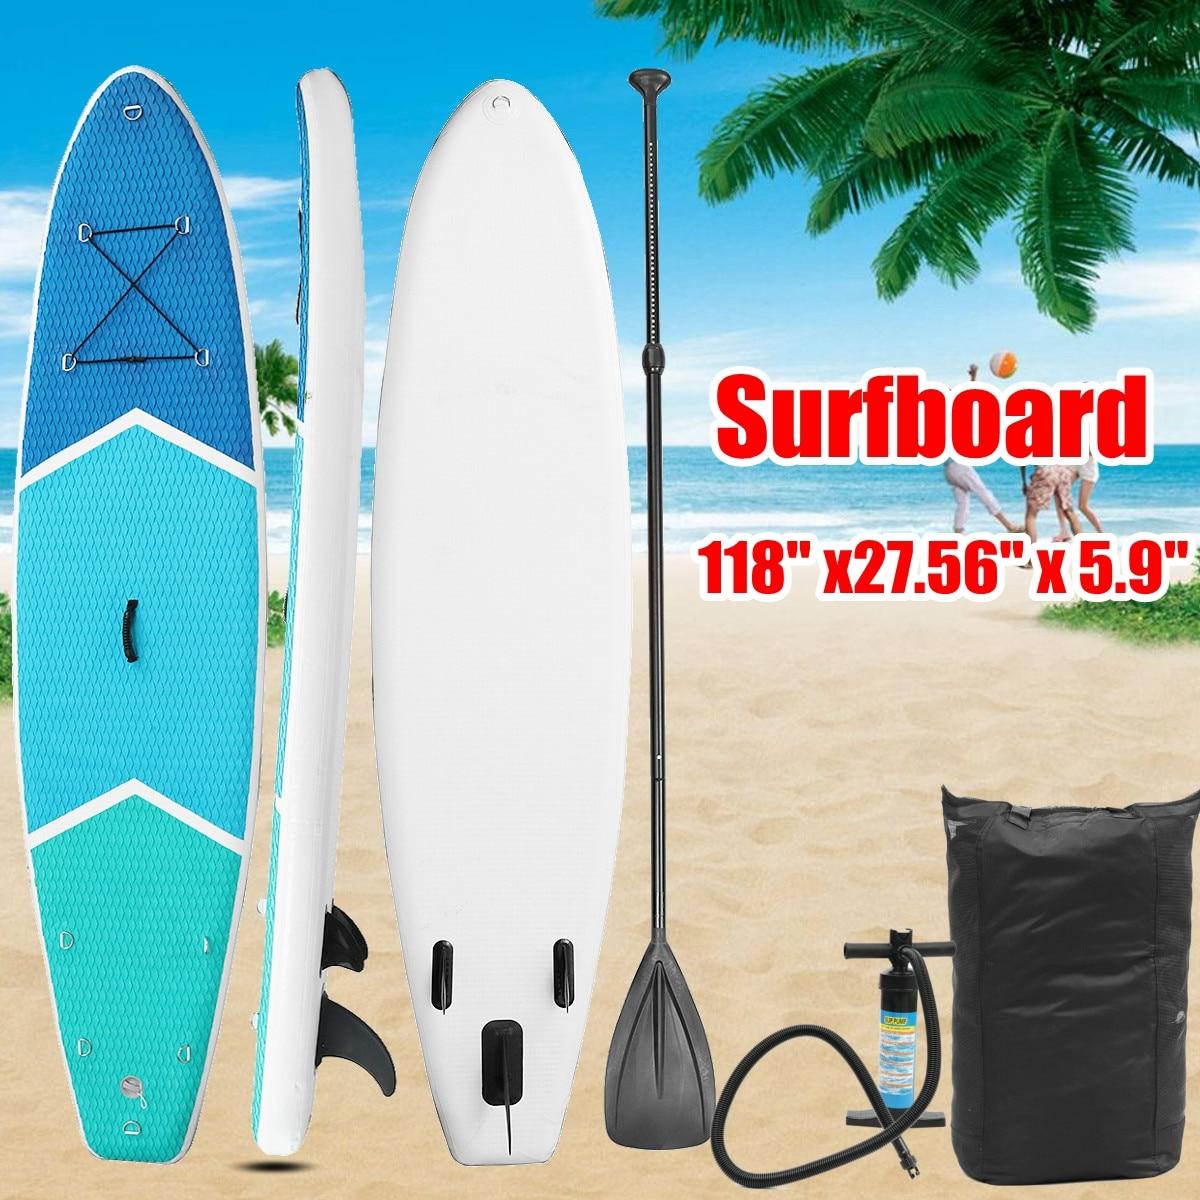 300*70*15 cm gonflable planche de surf Stand Up SUP Conseil Brett Surf aufblasbar paddle bateau mit Réparation matériel + Paddel